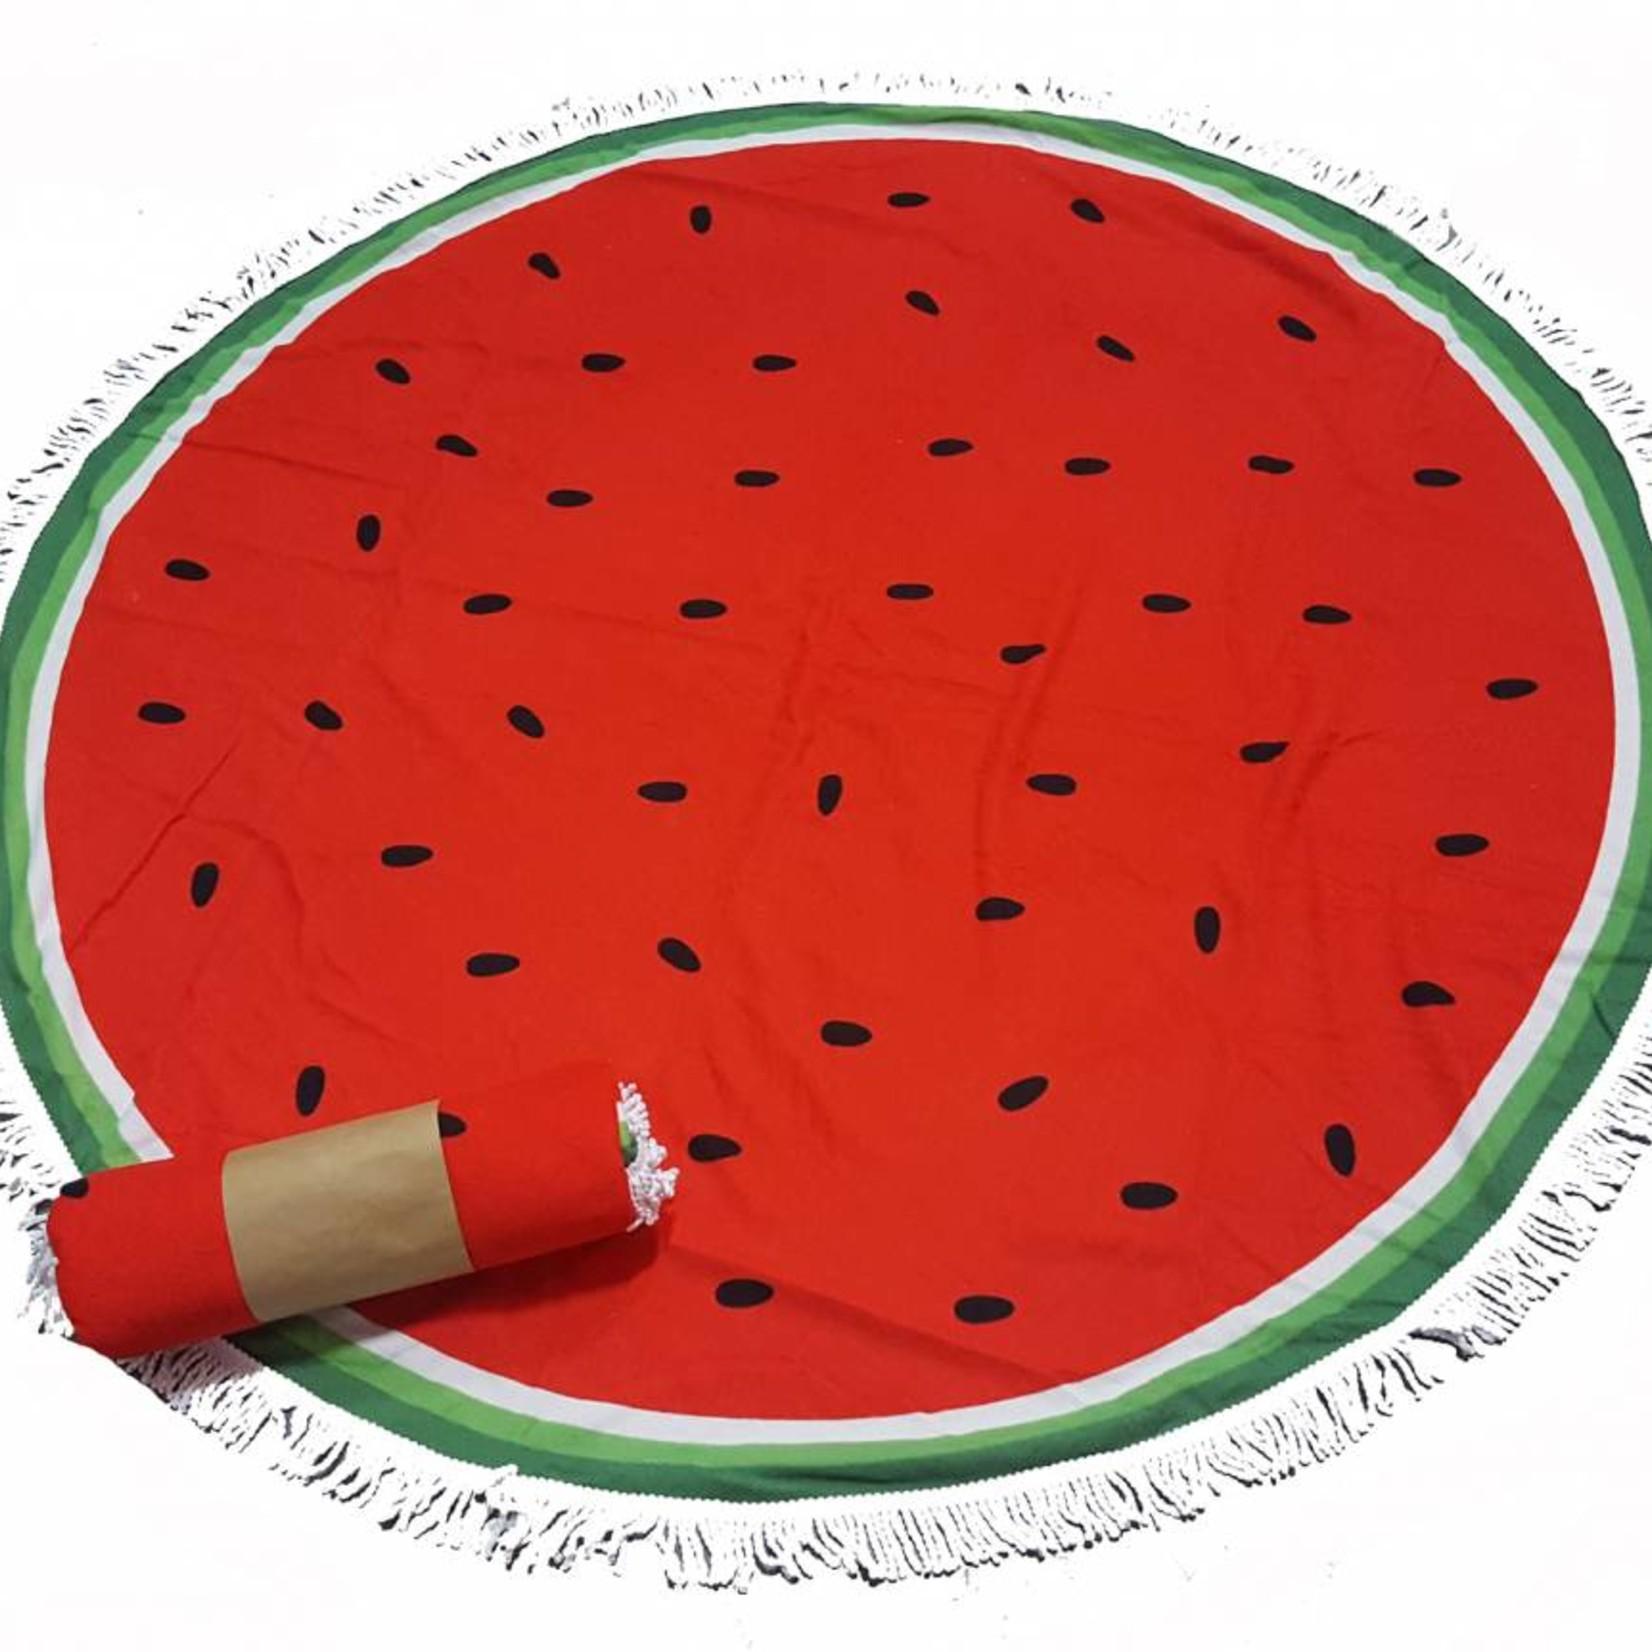 Roundie beach towel - rond strandlaken - badstof- boho - Ibiza handdoek bali stijl - Meloen